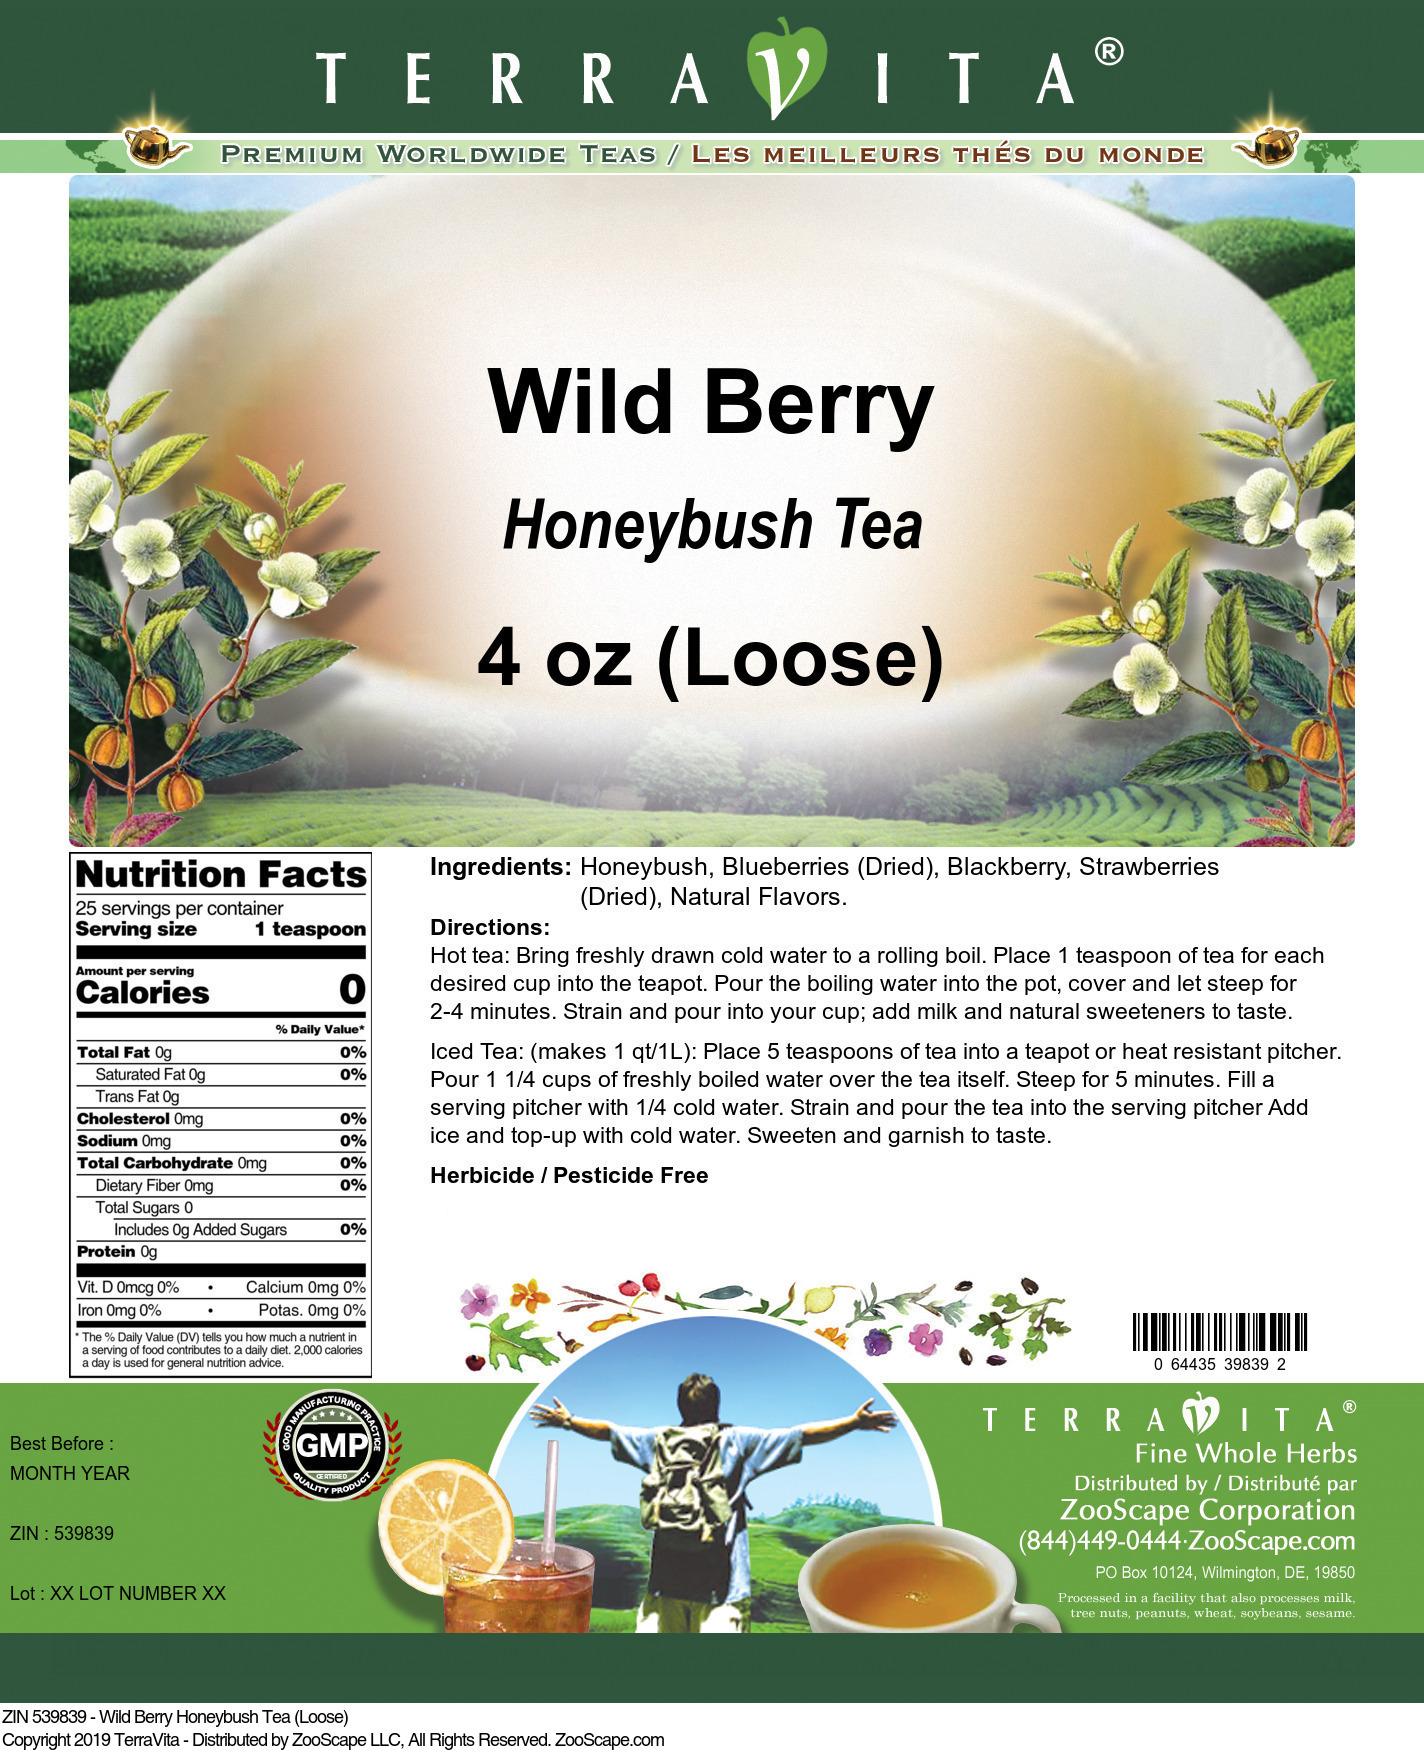 Wild Berry Honeybush Tea (Loose)